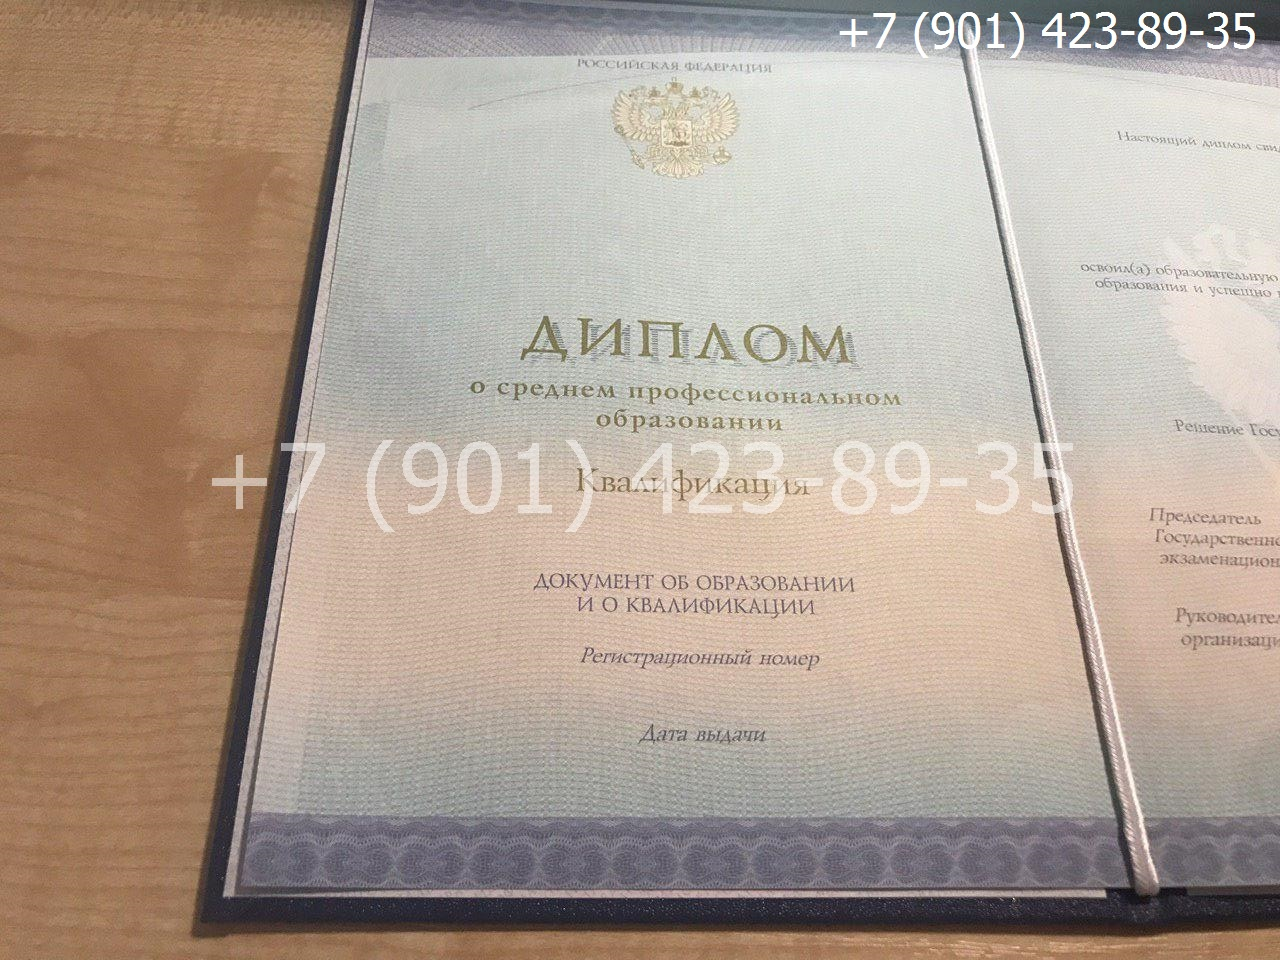 Диплом техникума 2014-2019 годов, нового образца, титульный лист